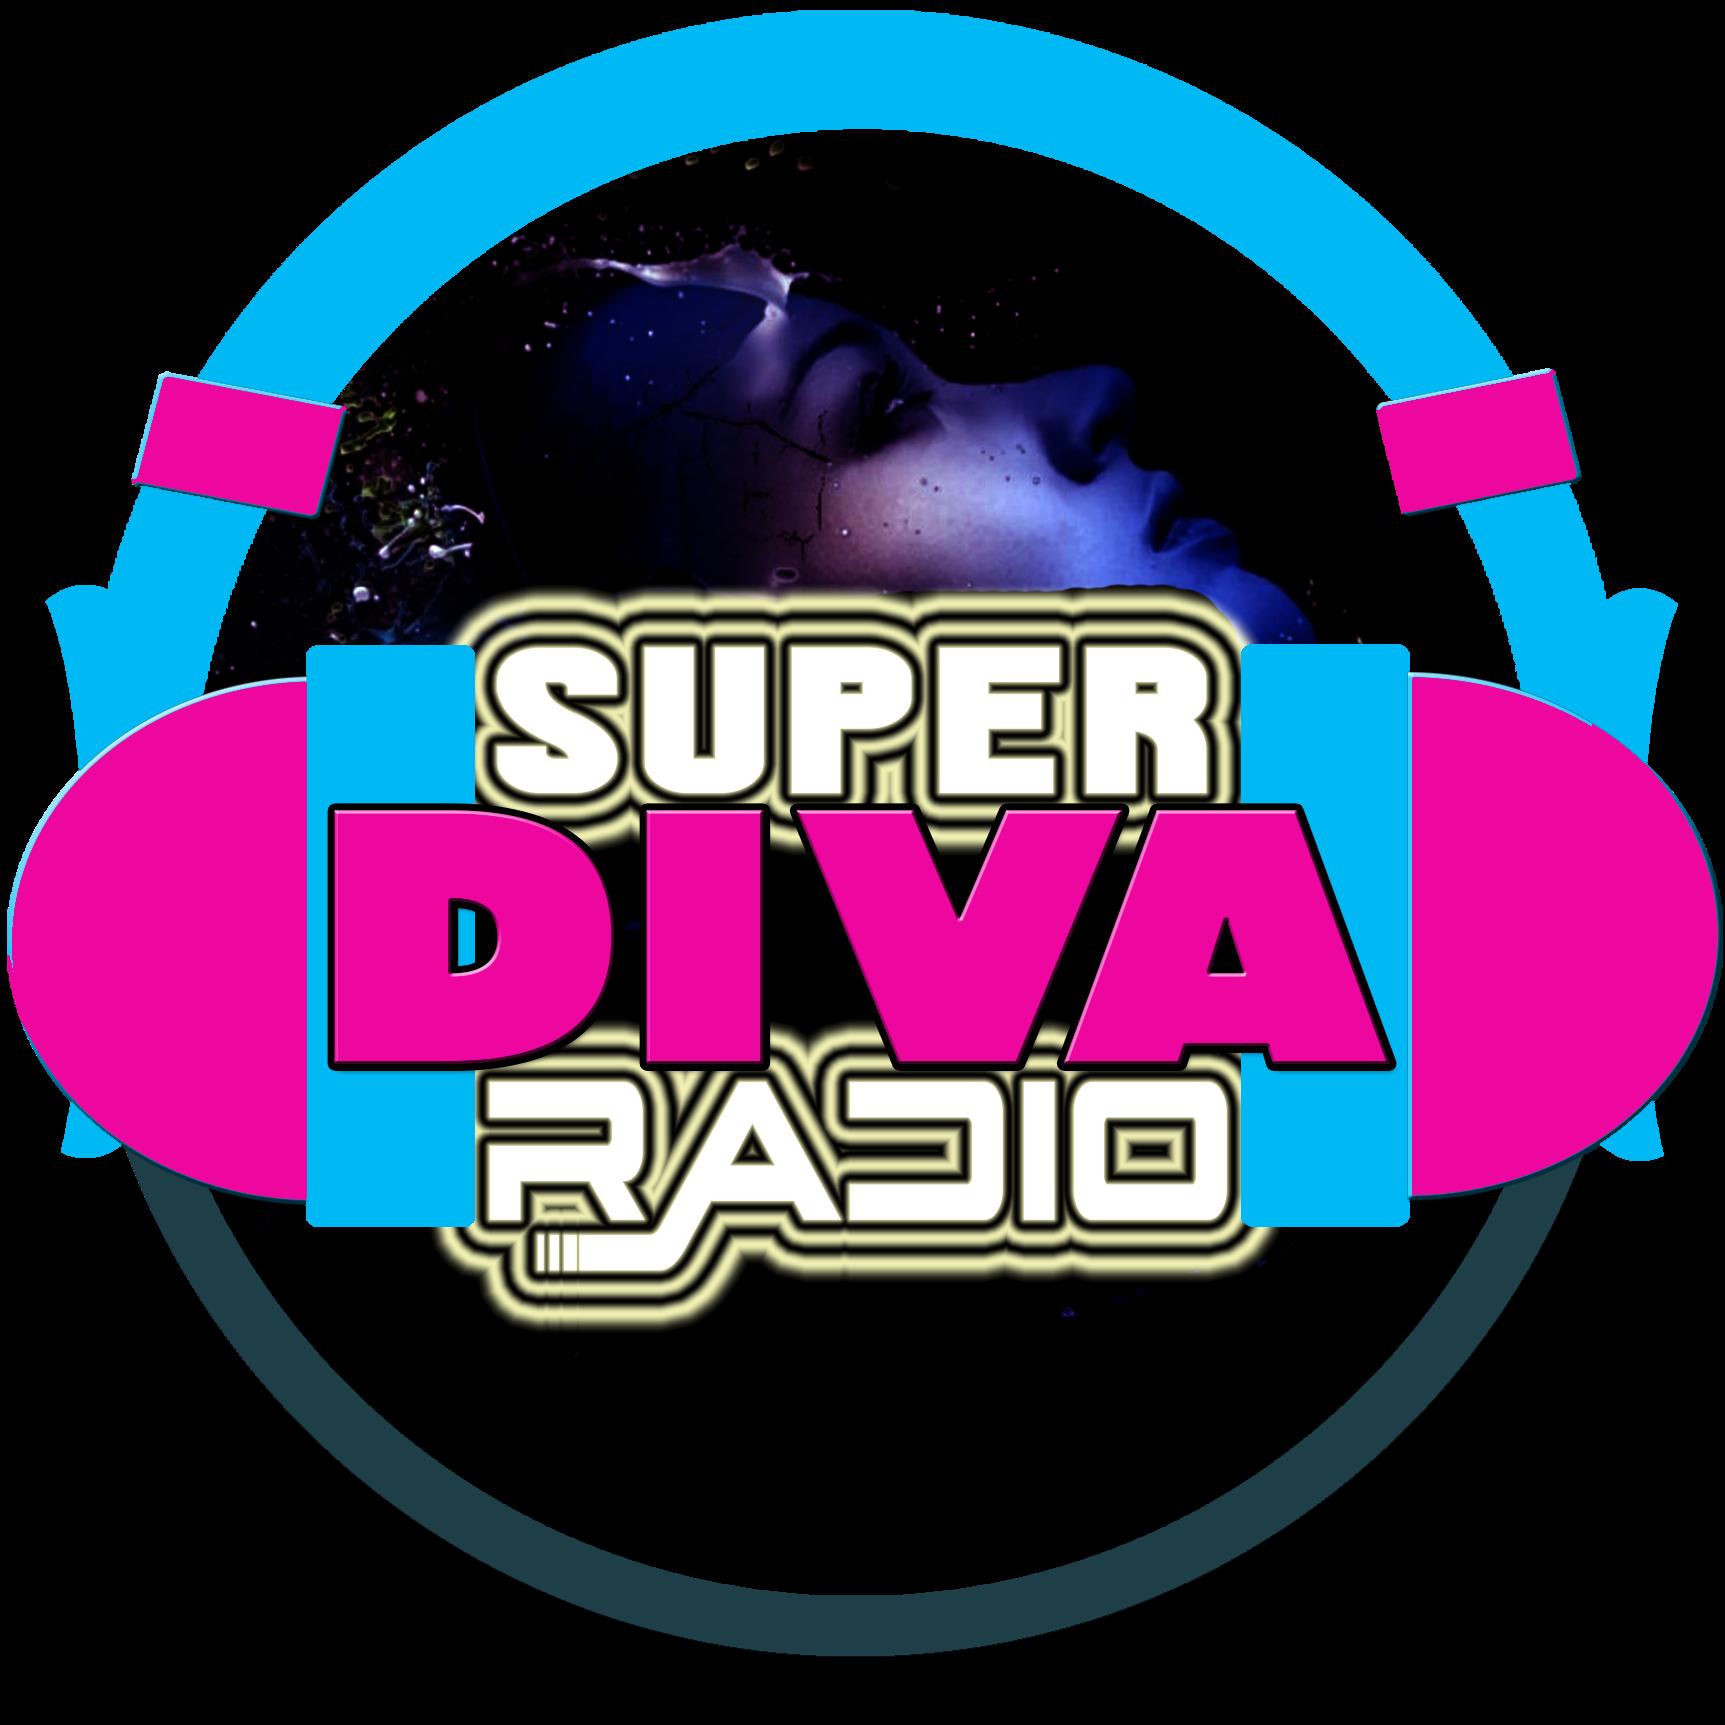 SuperDiva Radio